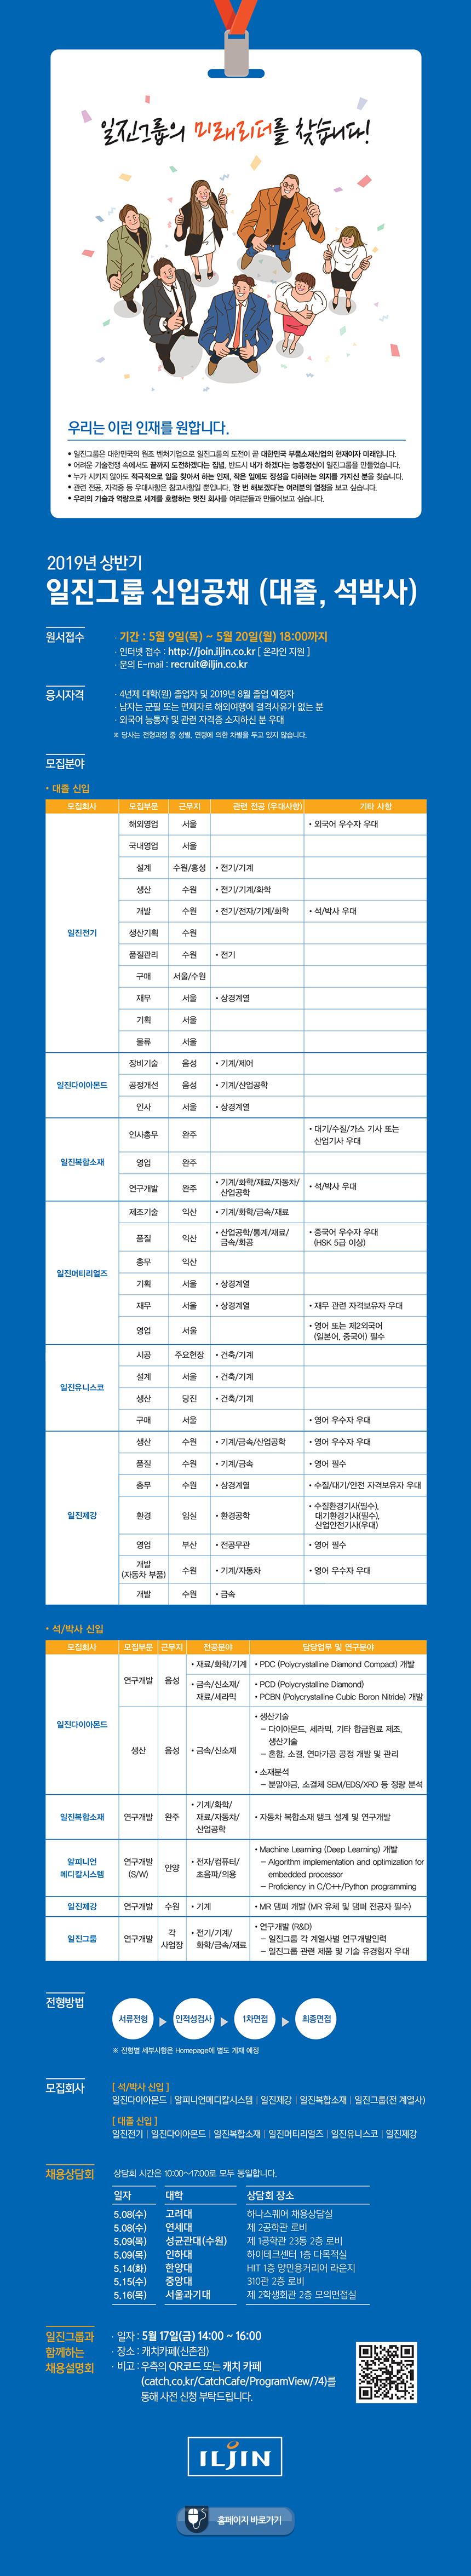 [㈜시너지타워] 레전드히어로즈 오산 세교점 매장 매니저 채용